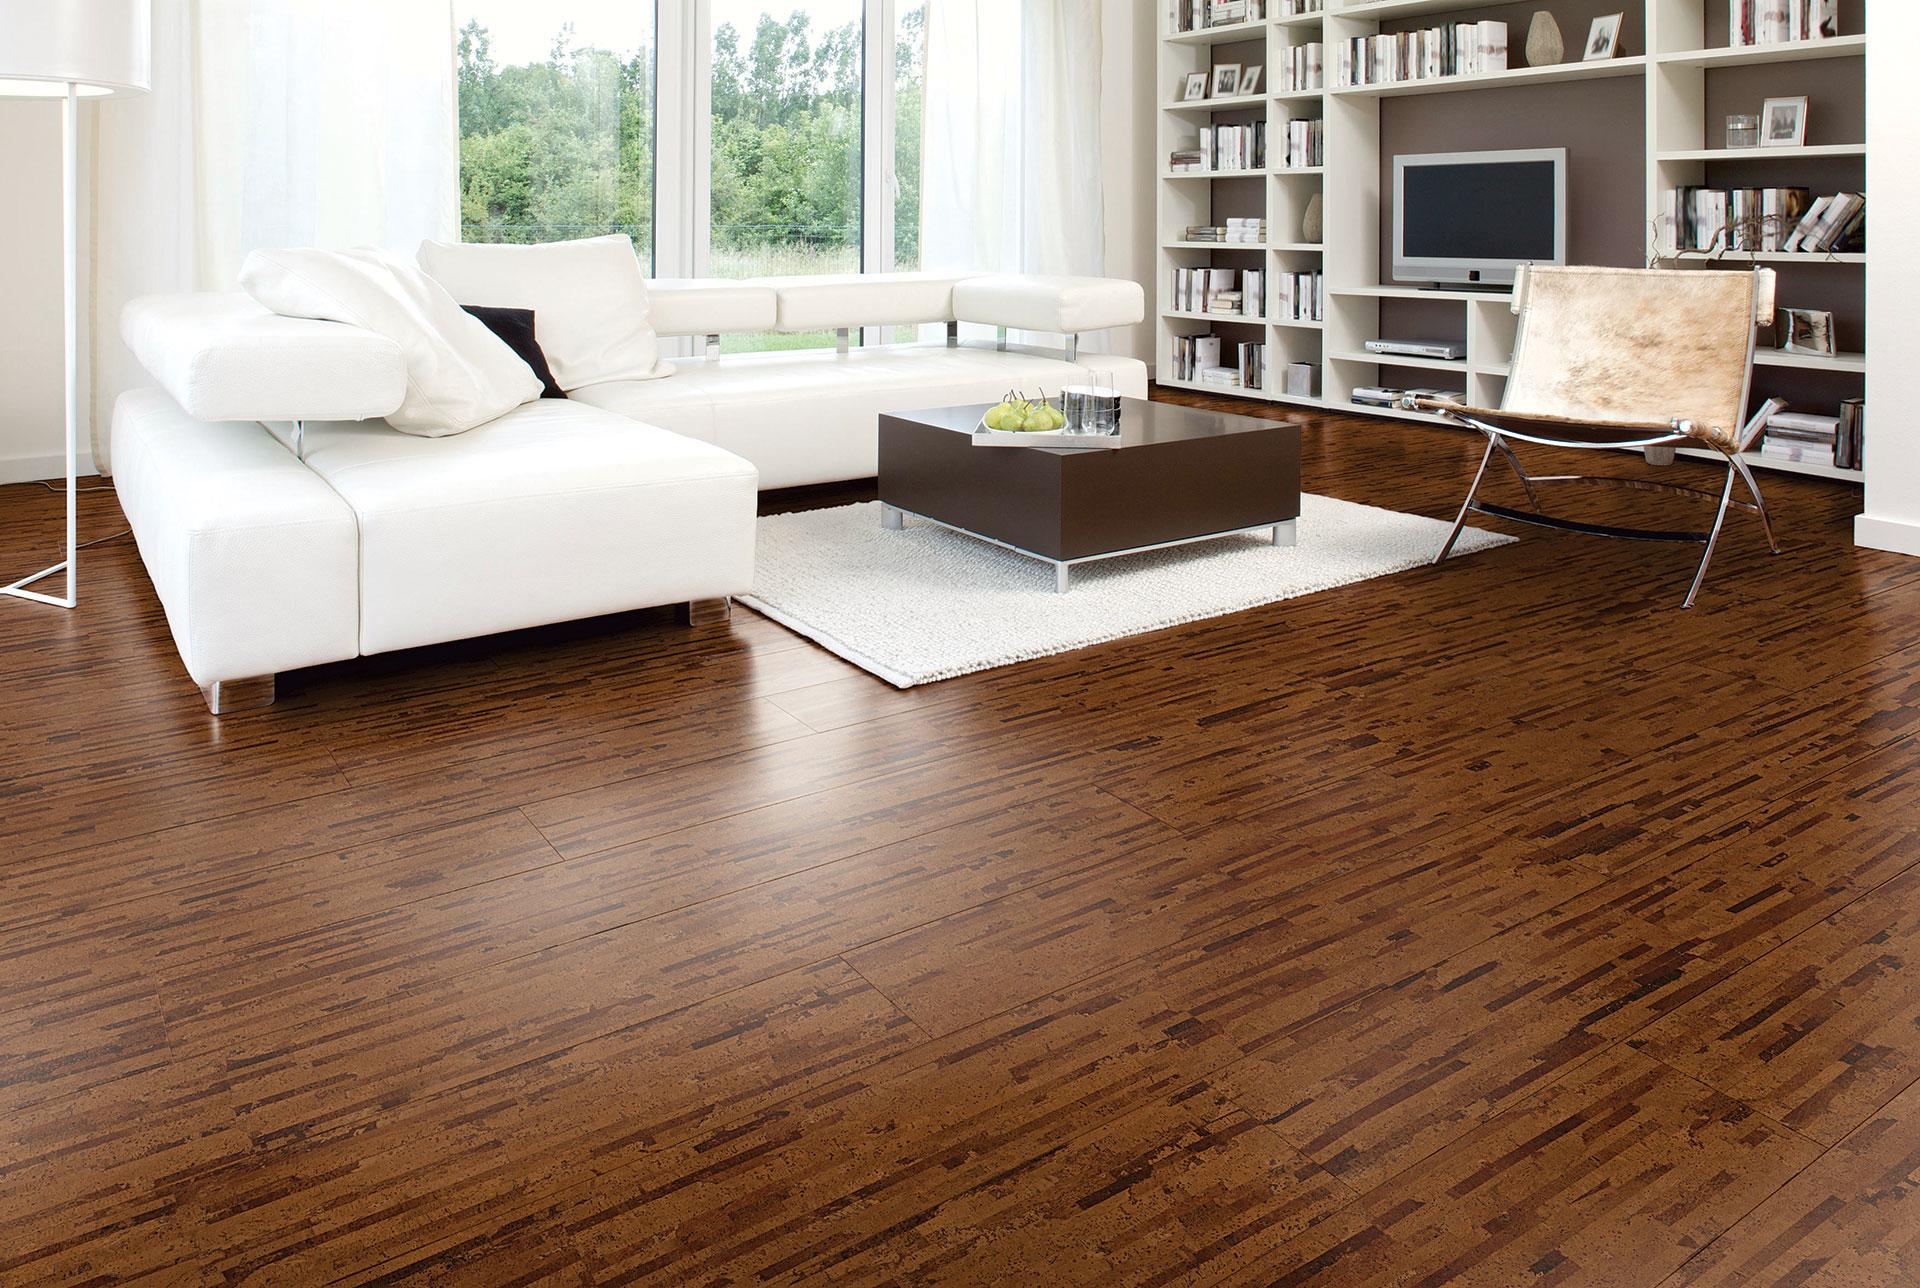 weißes Sofa kleiner brauner Tisch Regalsystem mit Büchern Kork Fußbodenbelag